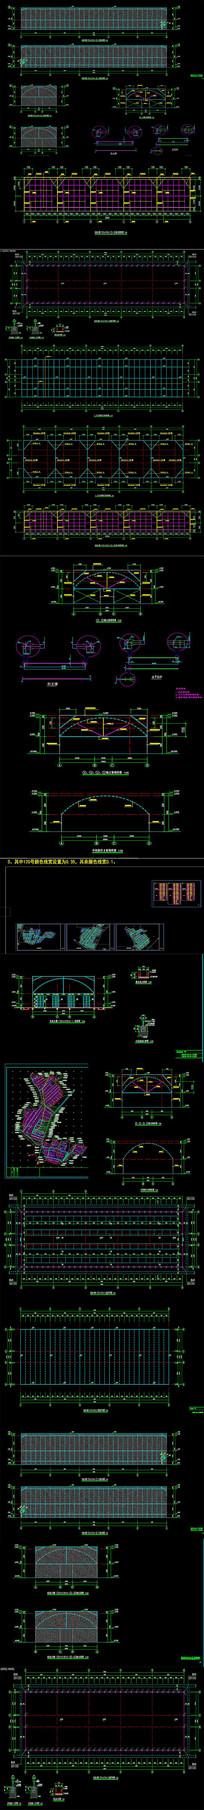 食用菌大棚CAD施工图